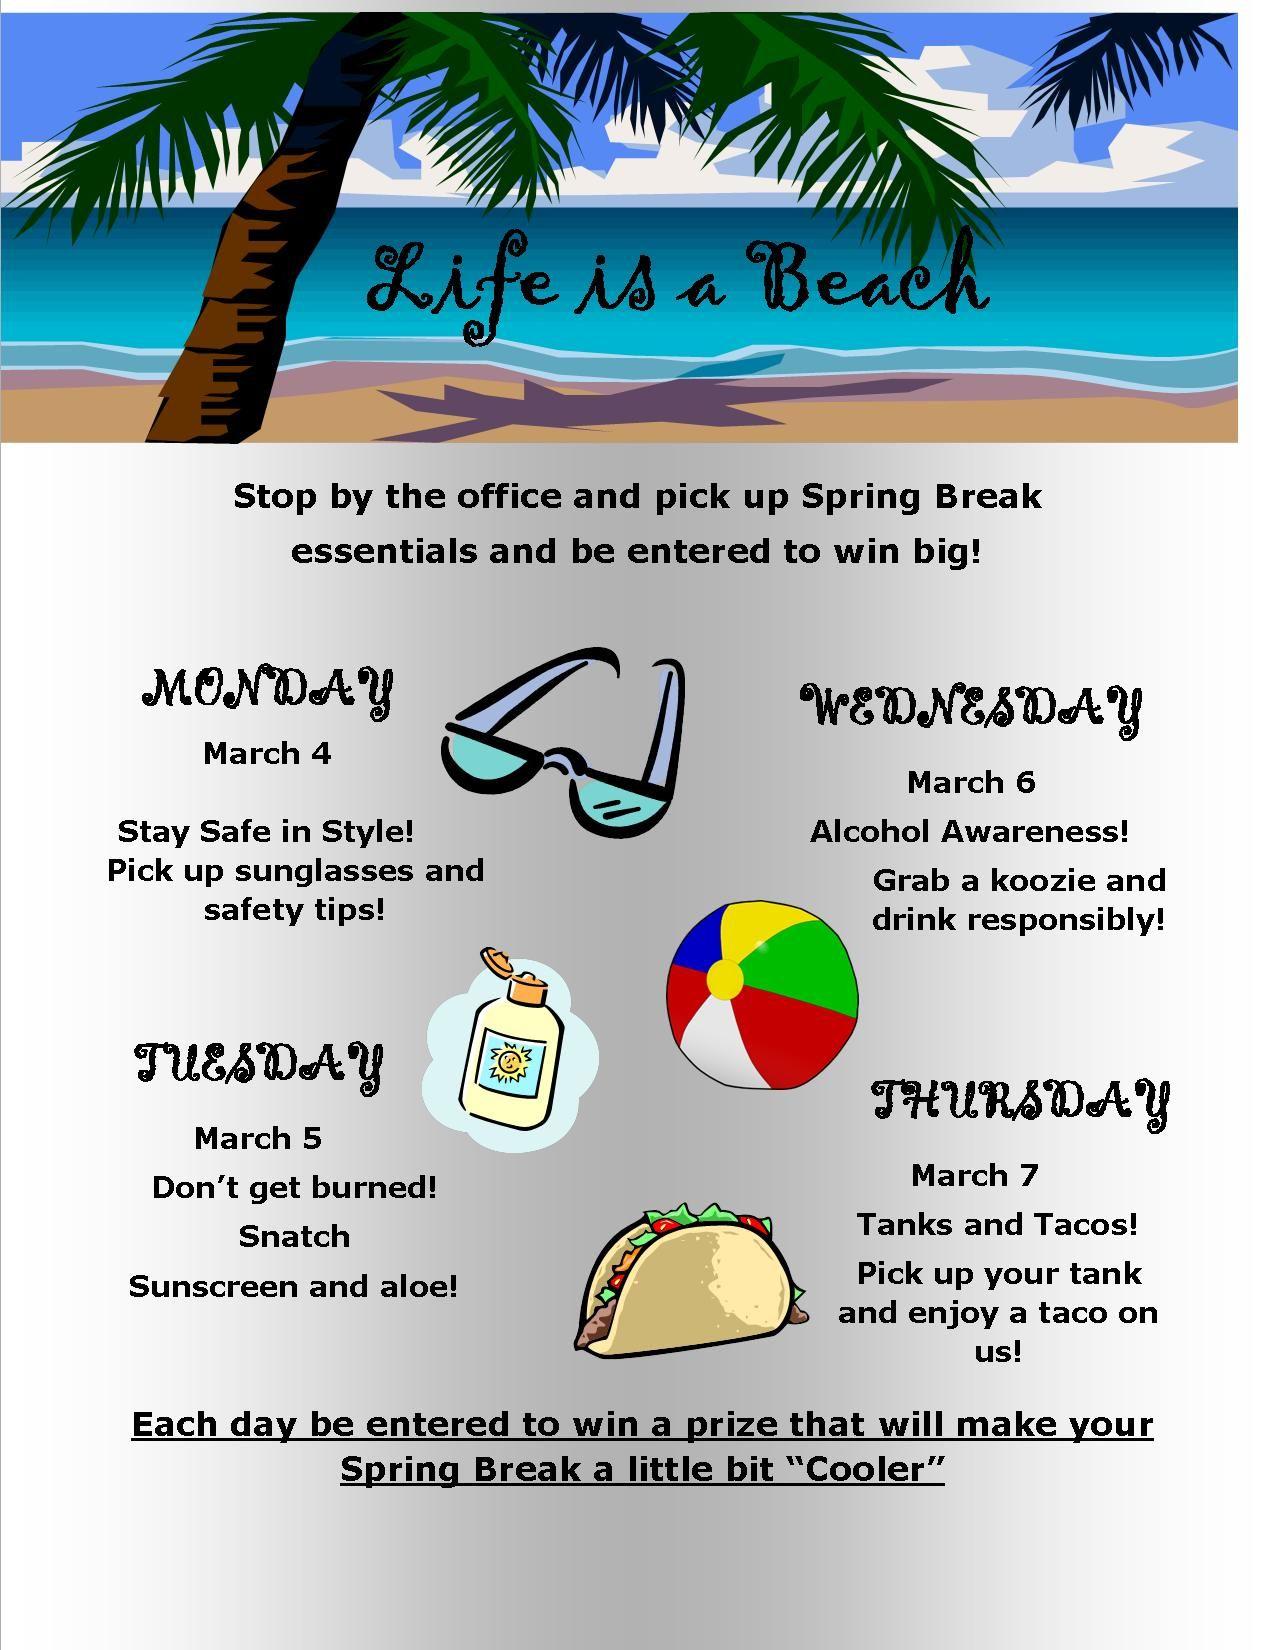 spring break events for residents work pinterest